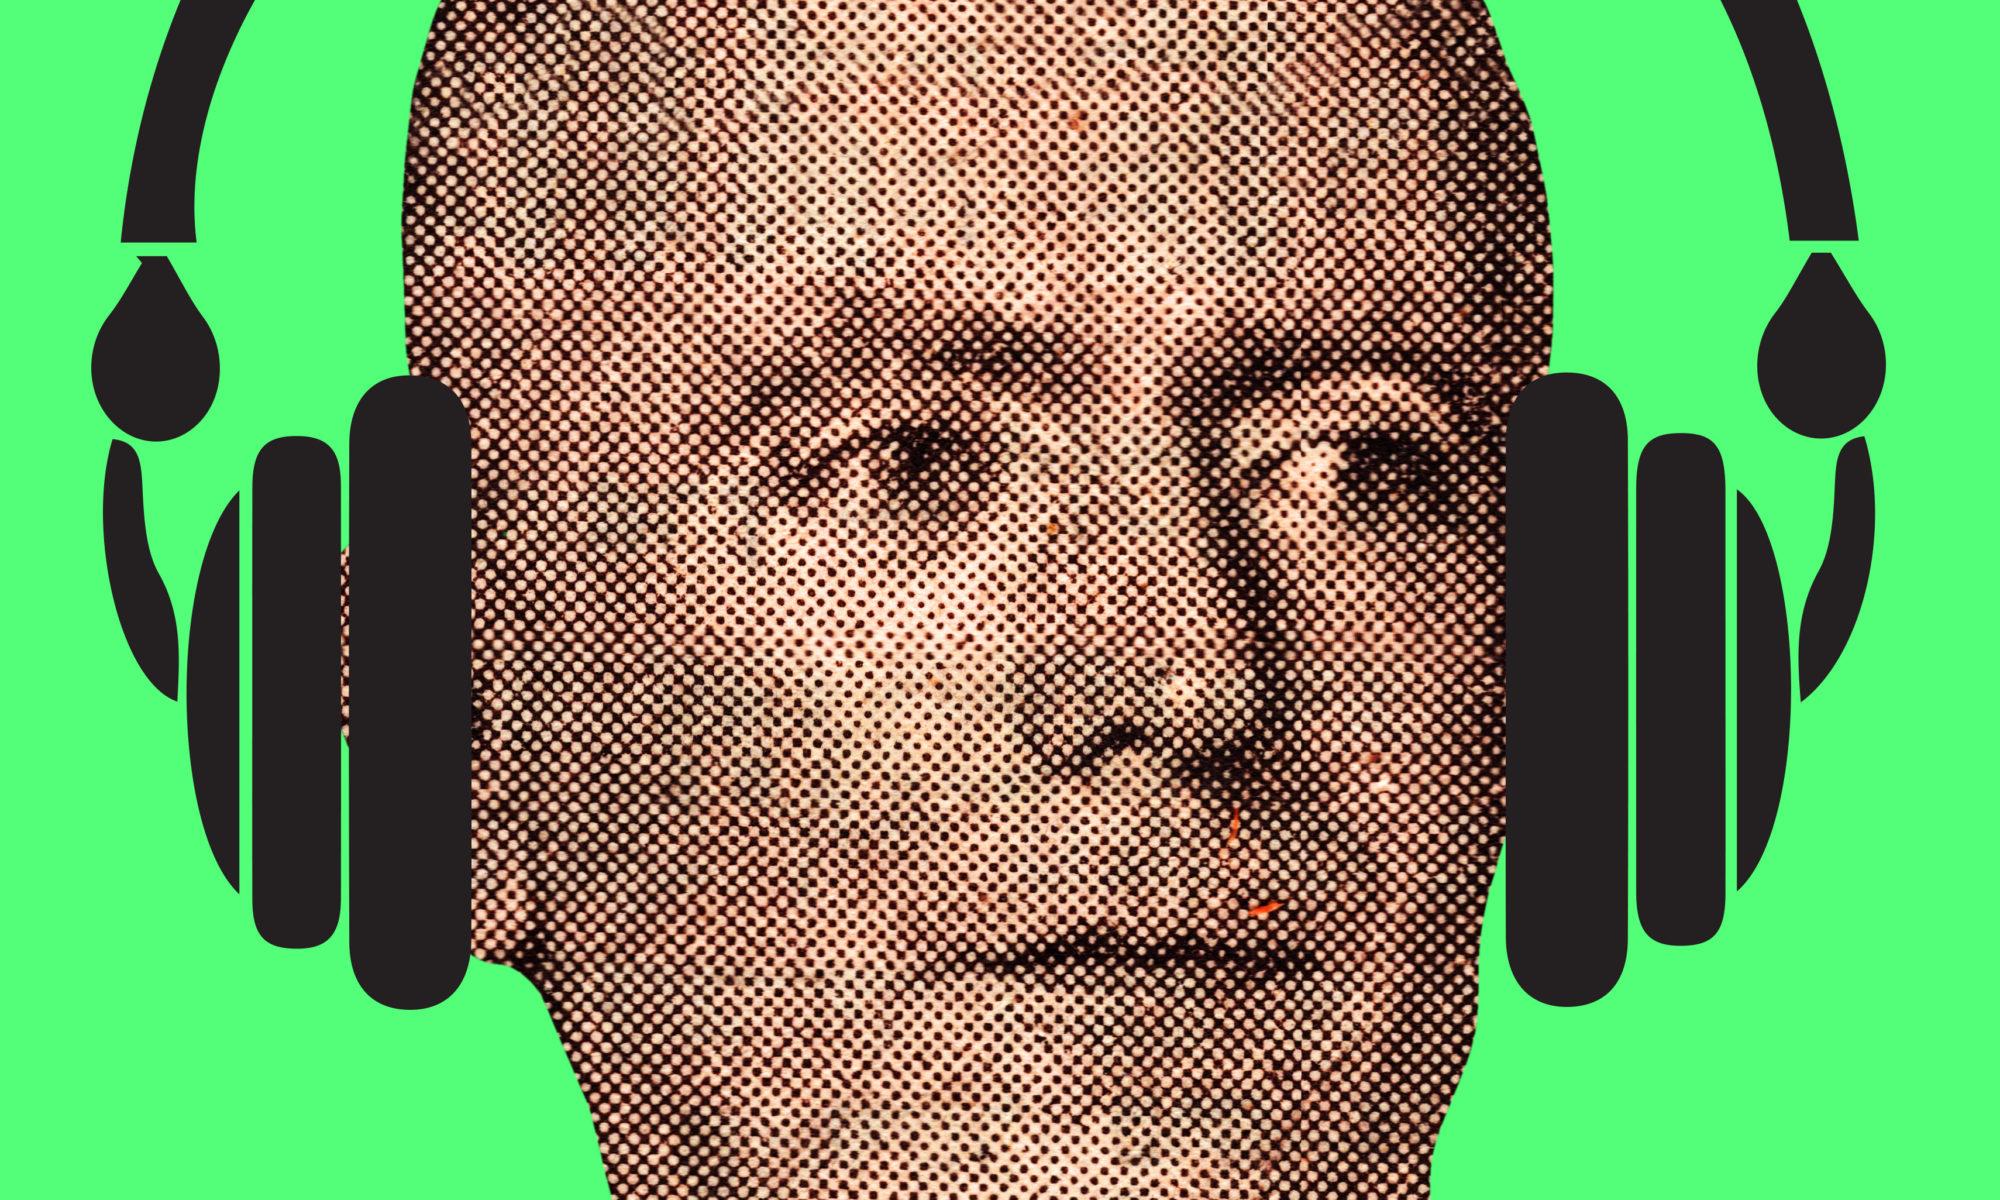 Aaron Zeitlin : exposition virtuelle et narration audio